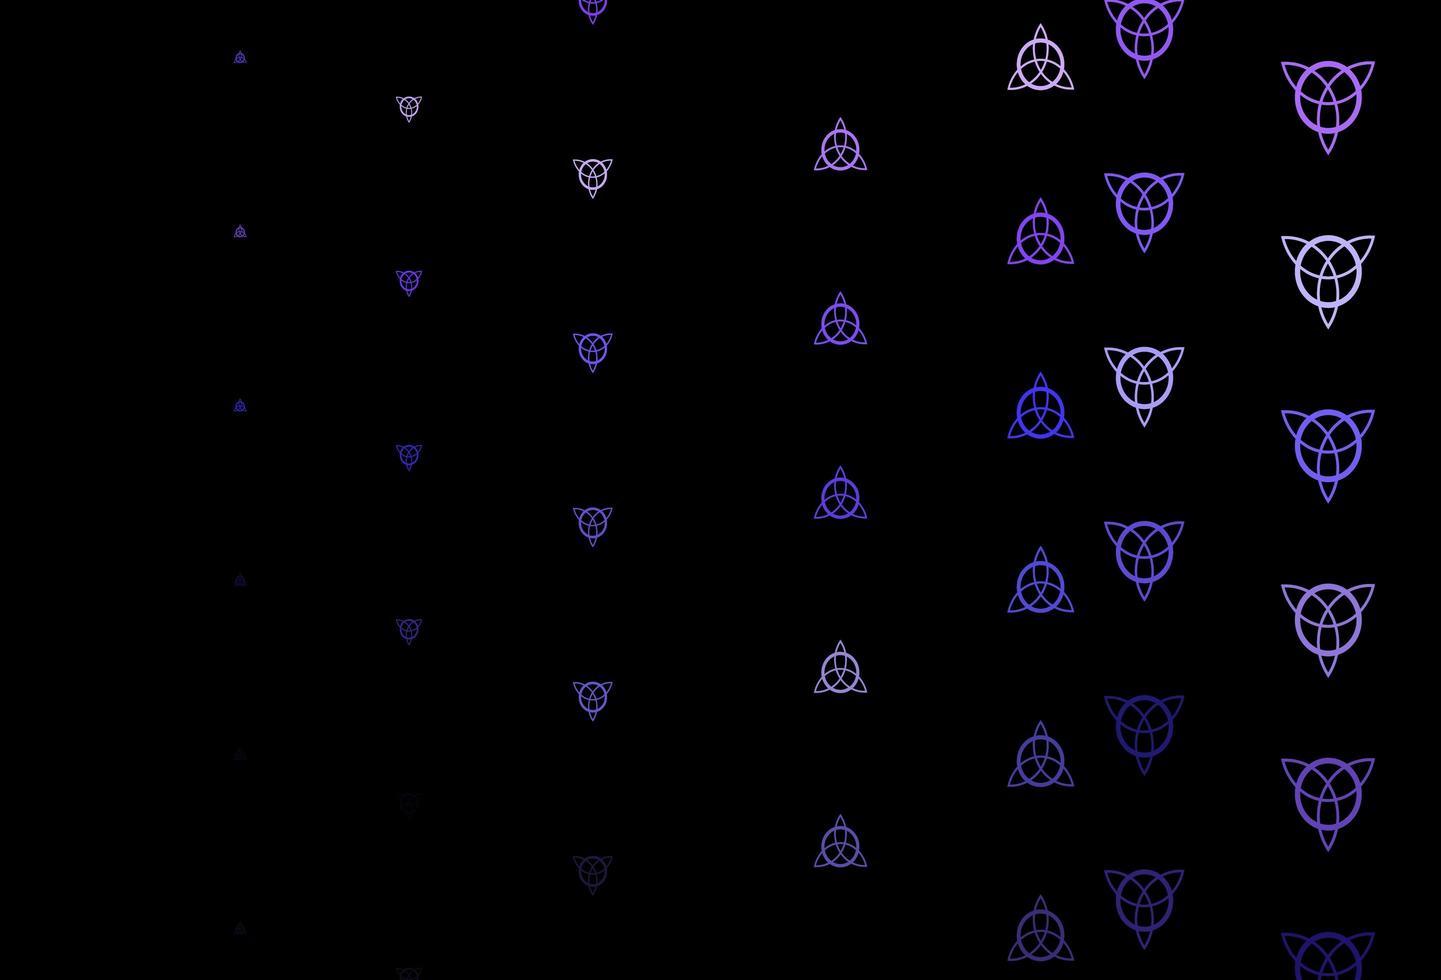 patrón de vector de color púrpura oscuro con elementos mágicos.